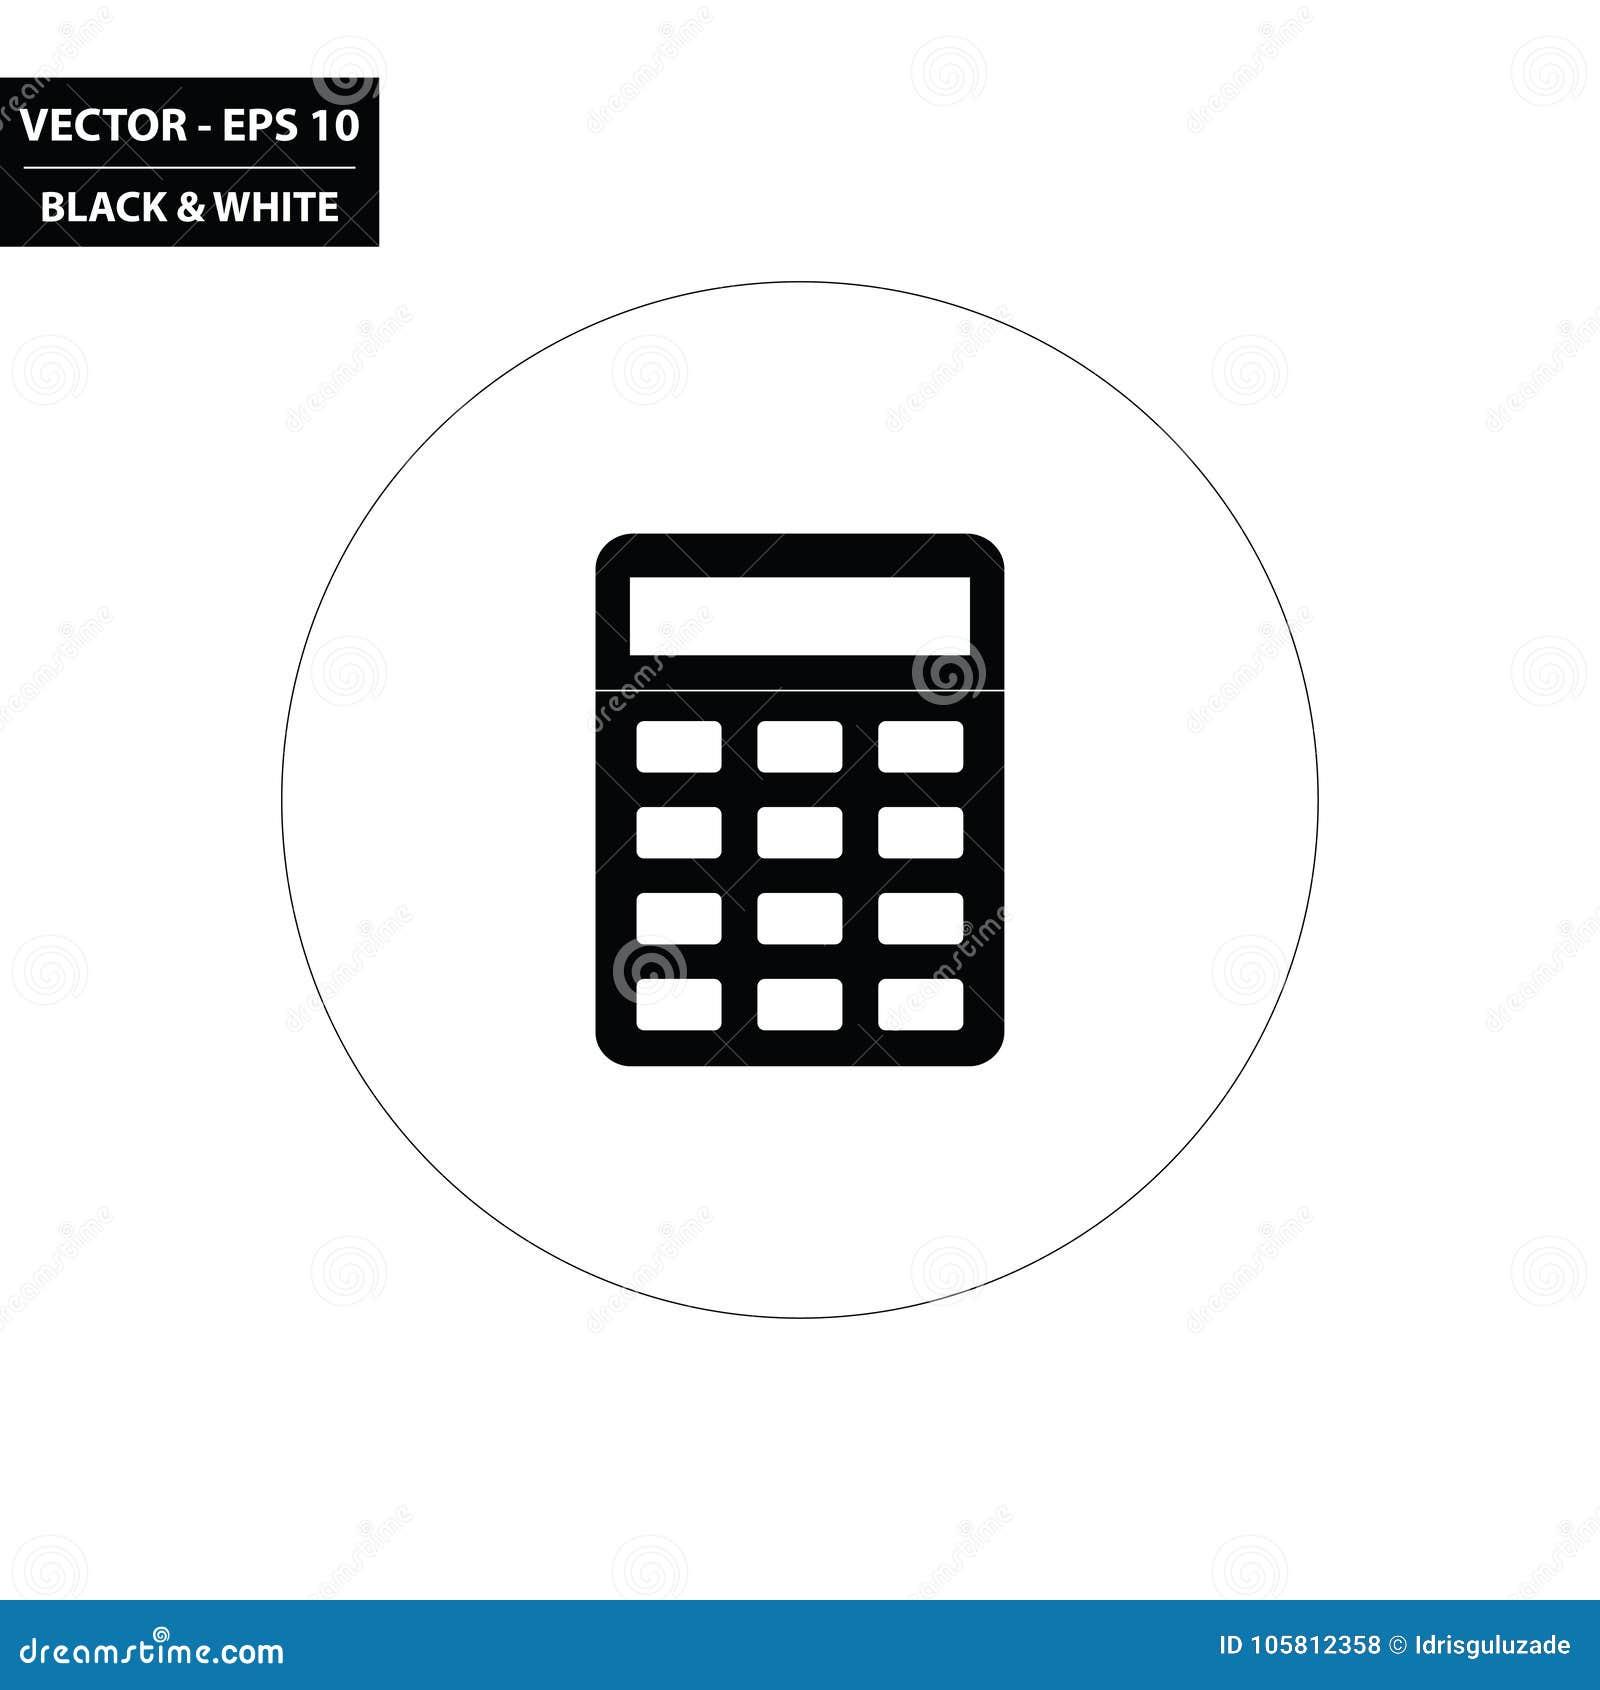 Calculator Black White Icon Stock Illustrations 7 812 Calculator Black White Icon Stock Illustrations Vectors Clipart Dreamstime